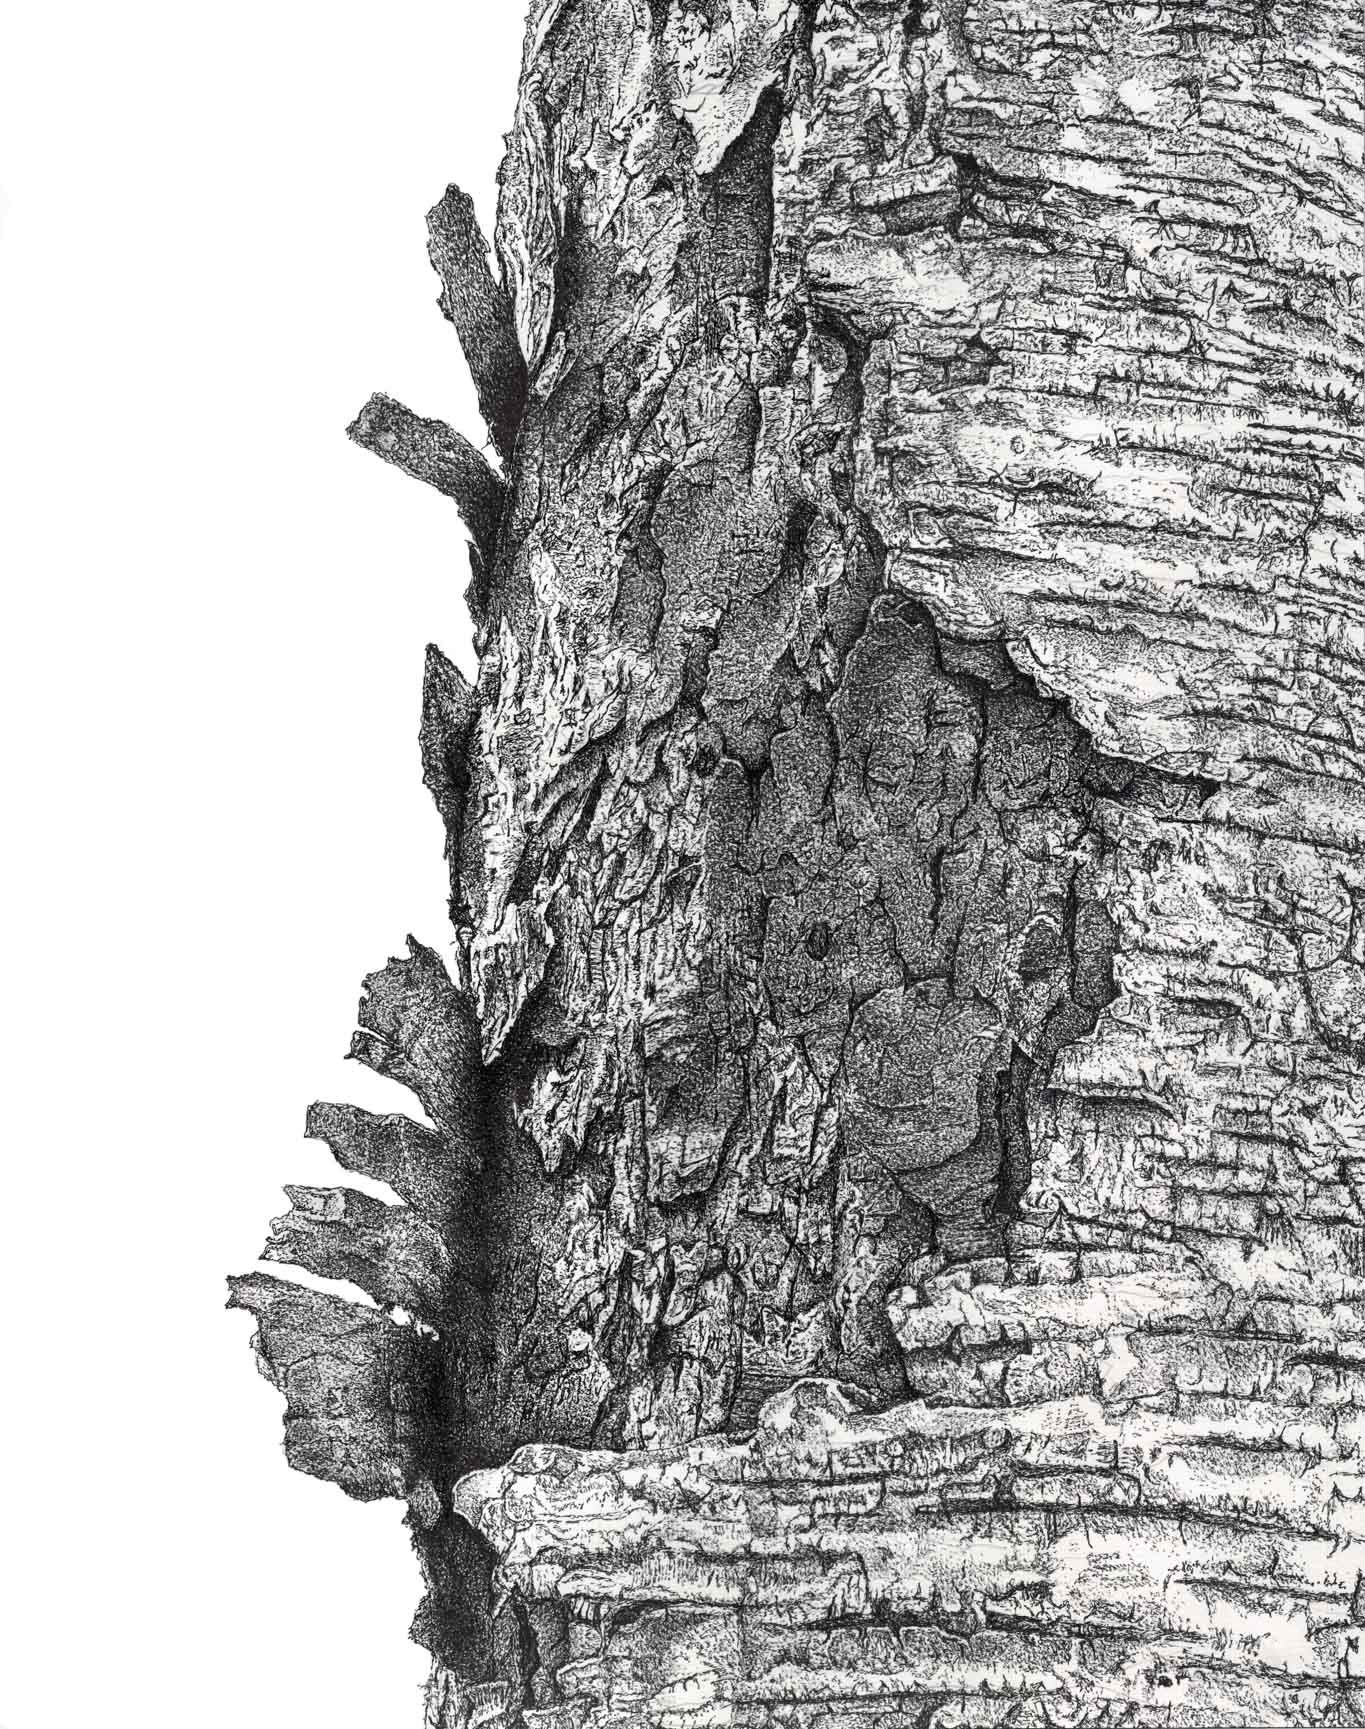 картинка кора деревьев на прозрачном фоне челябинске